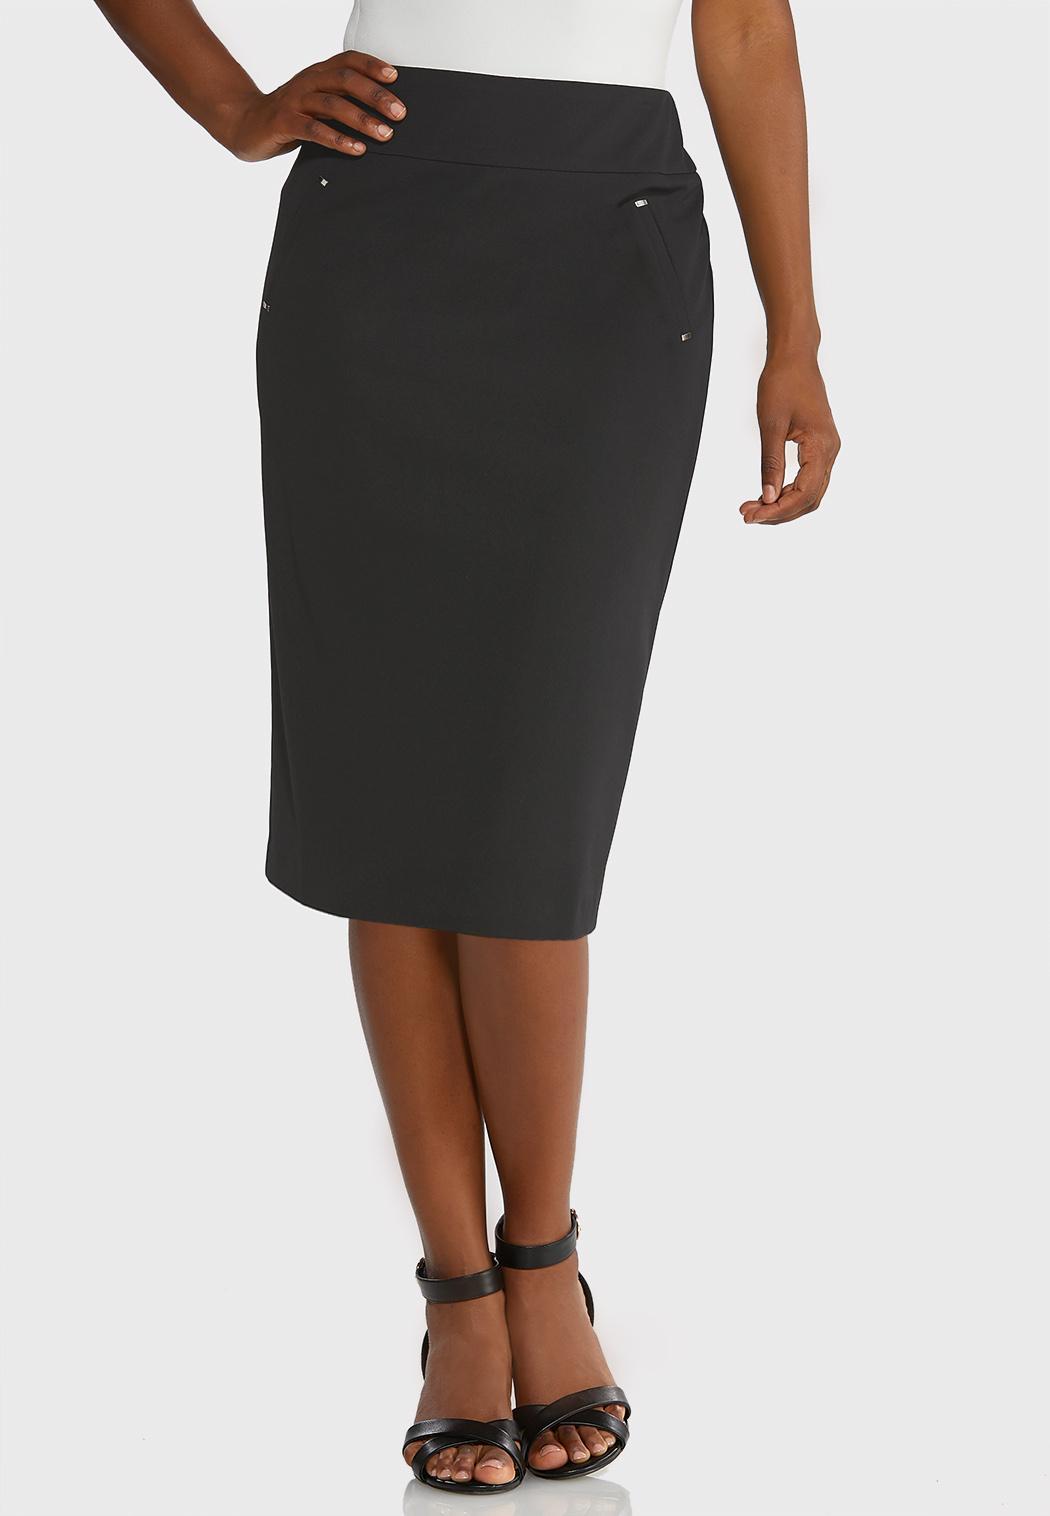 Plus Size Knit Pencil Skirt